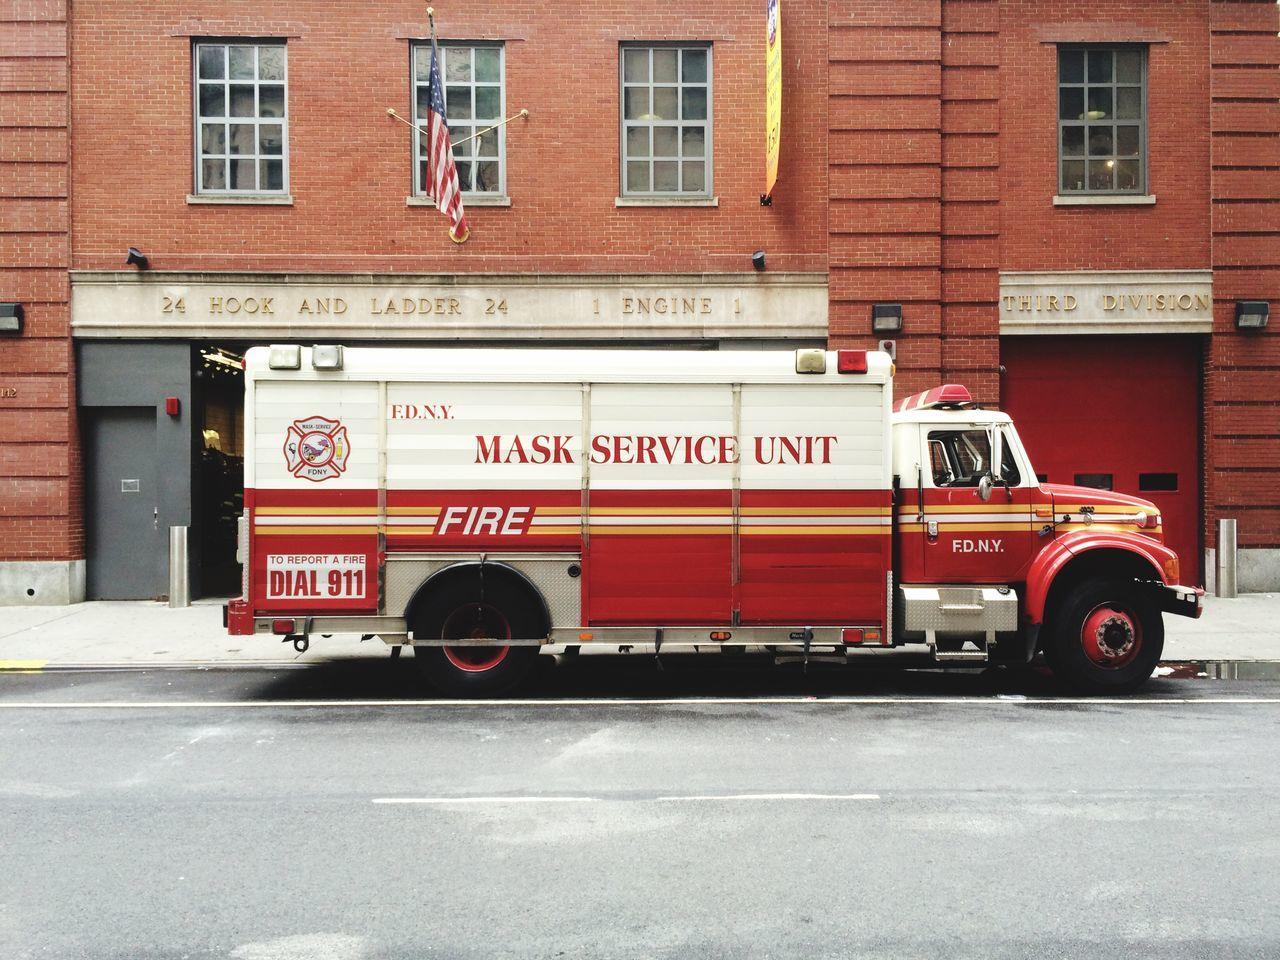 Fire Station Vintage Firetruck Firetruck New York City